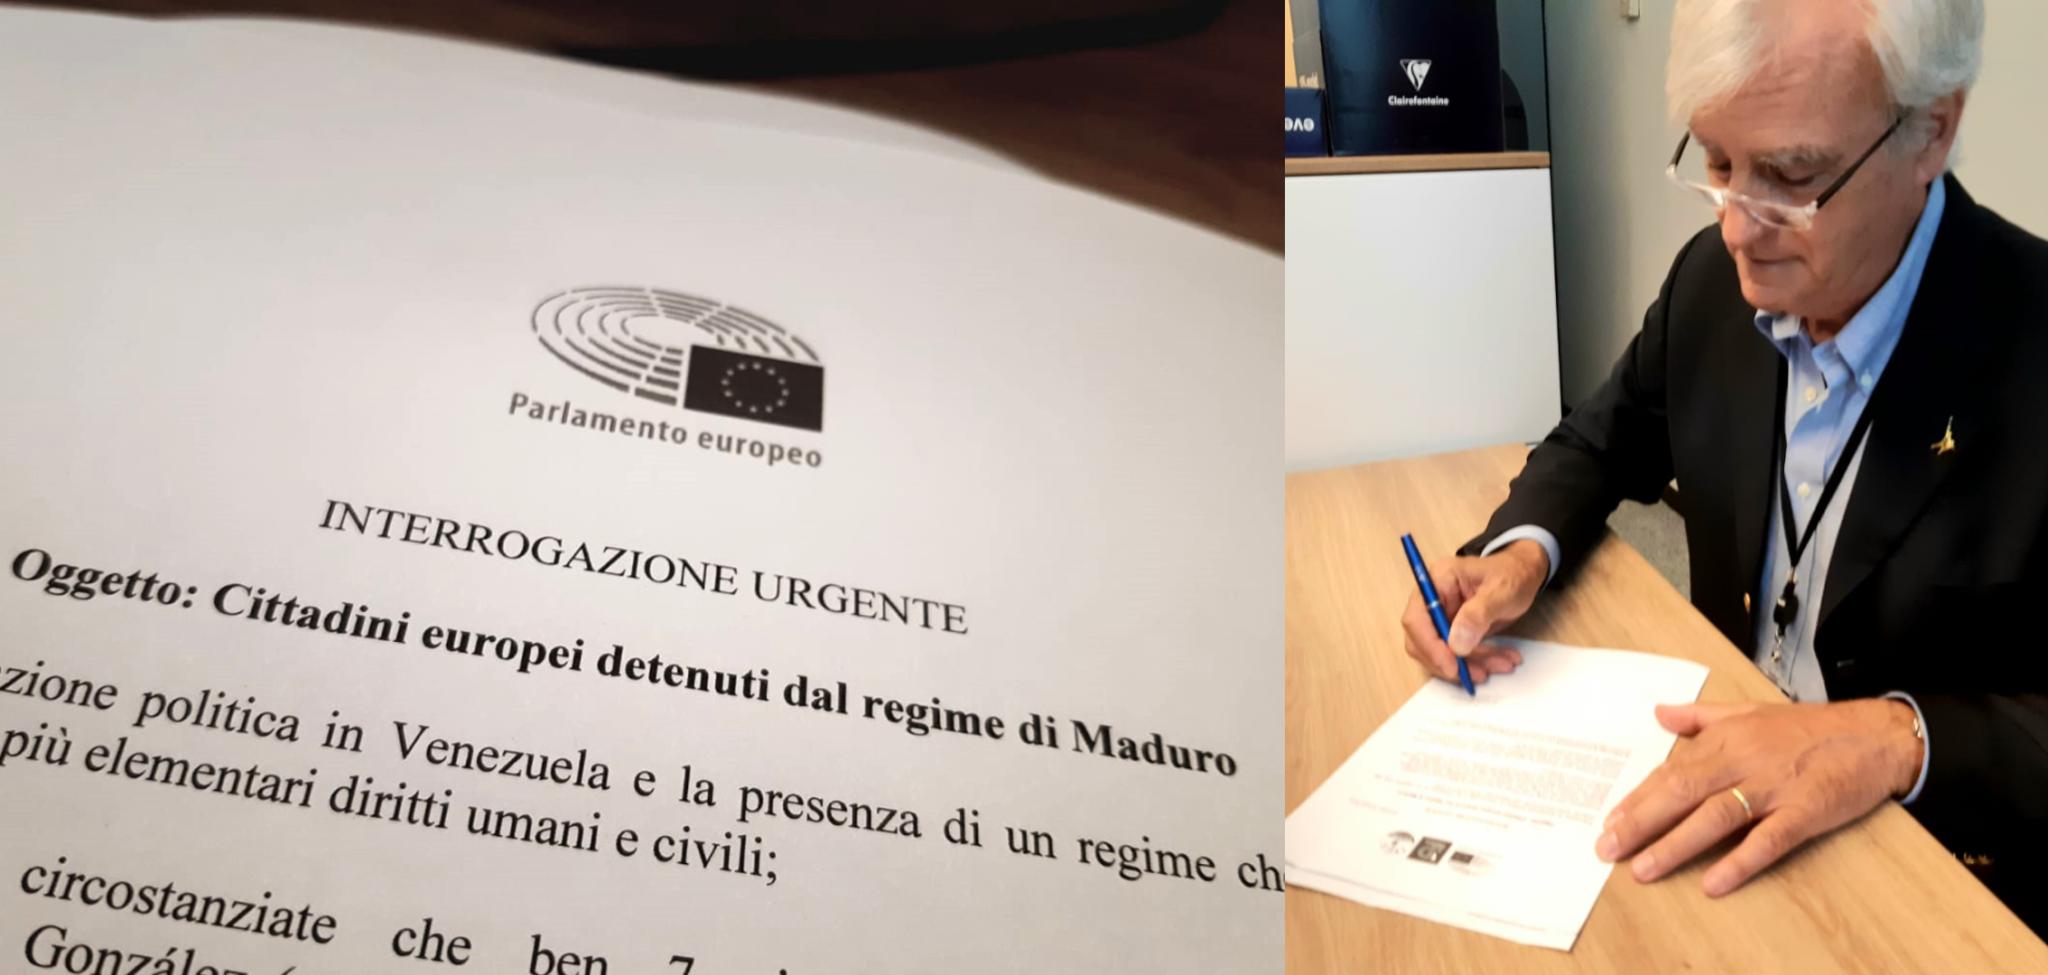 'L'EUROPA ALZI LA VOCE SUI PRIGIONIERI DI MADURO' – LA RICHIESTA DI ANTONIO RINALDI.